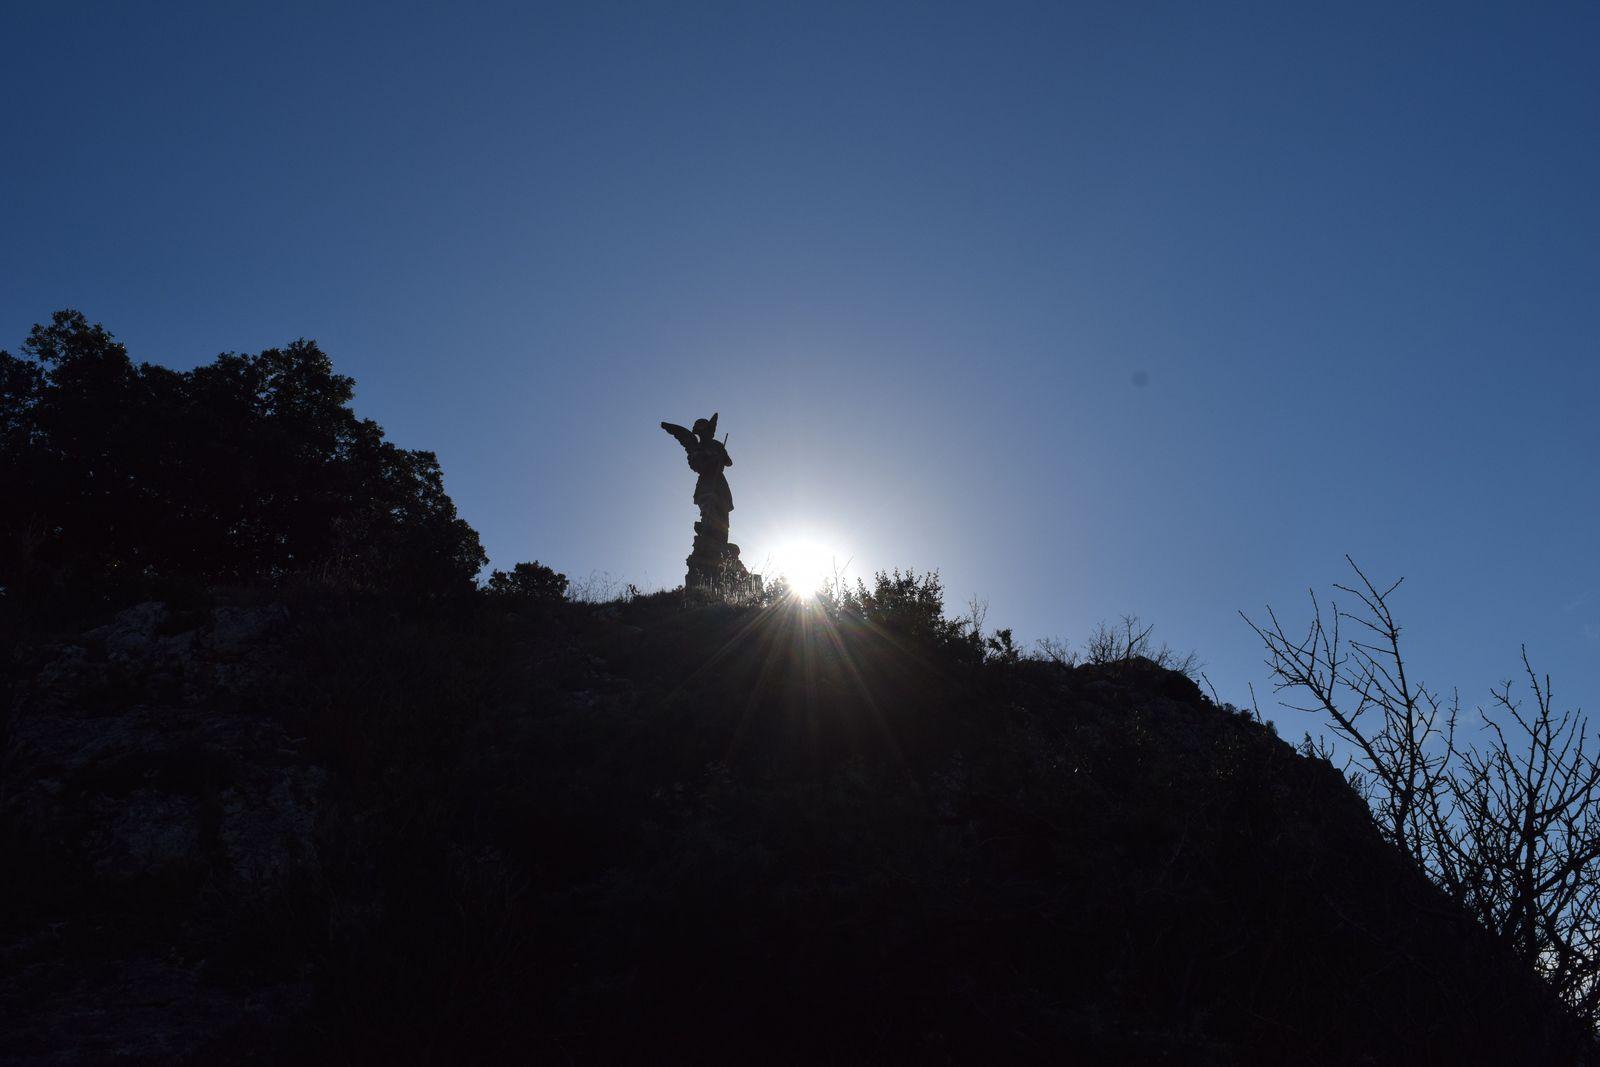 La statue de l'Archange Saint-Michel nous apparait enfin, elle domine à une altitude de 201 mètres le Rhône face au défilé de Donzère.